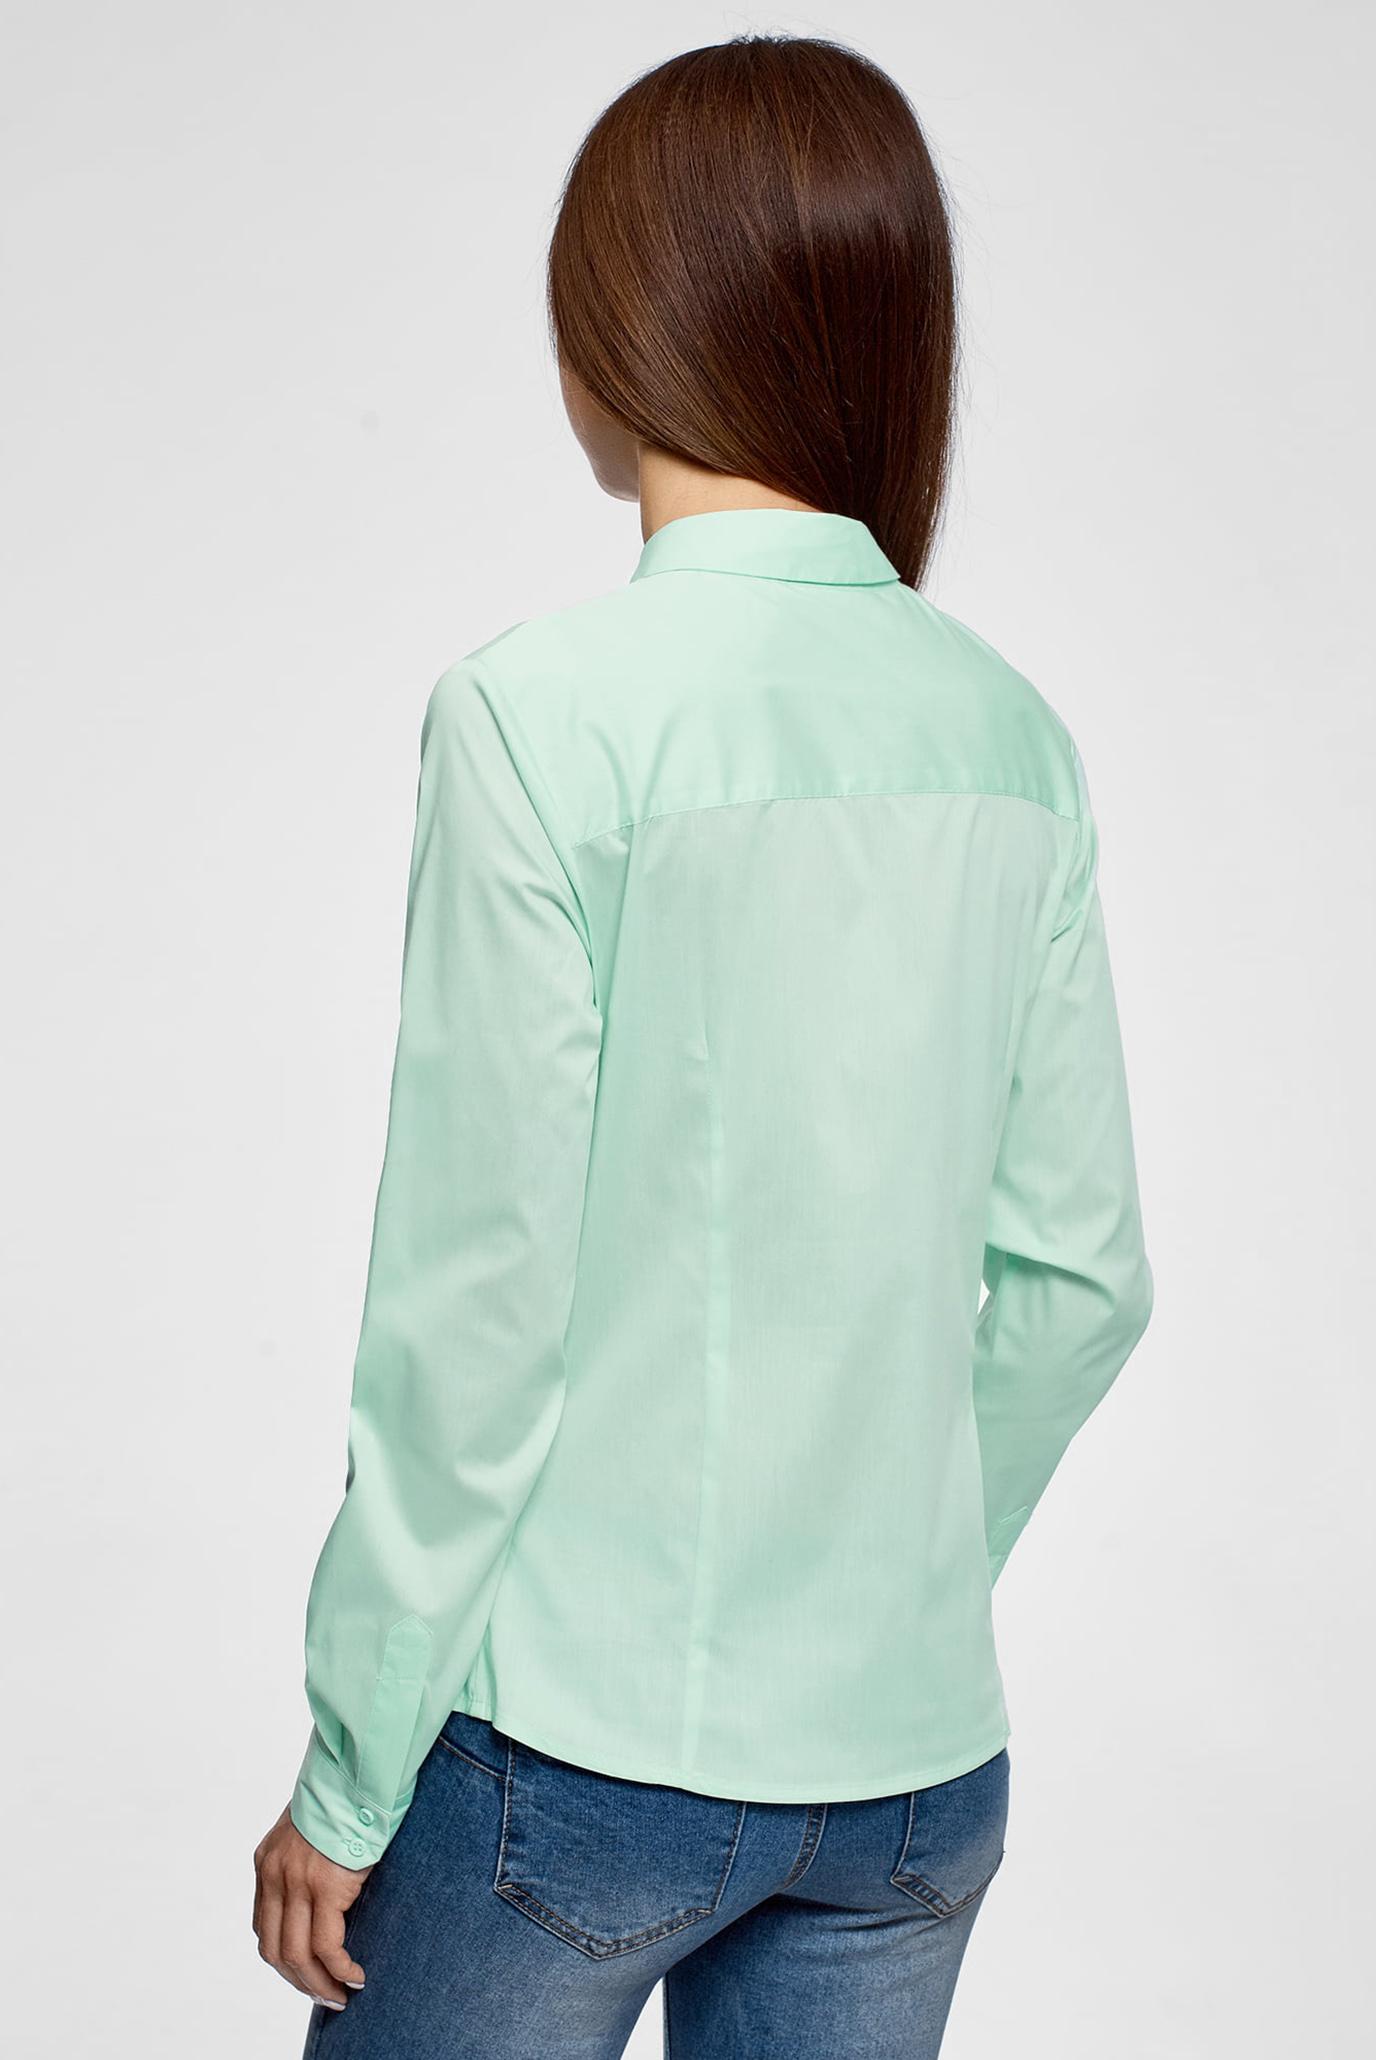 Купить Женская бирюзовая рубашка Oodji Oodji 13K03003B/42083/7301N – Киев, Украина. Цены в интернет магазине MD Fashion